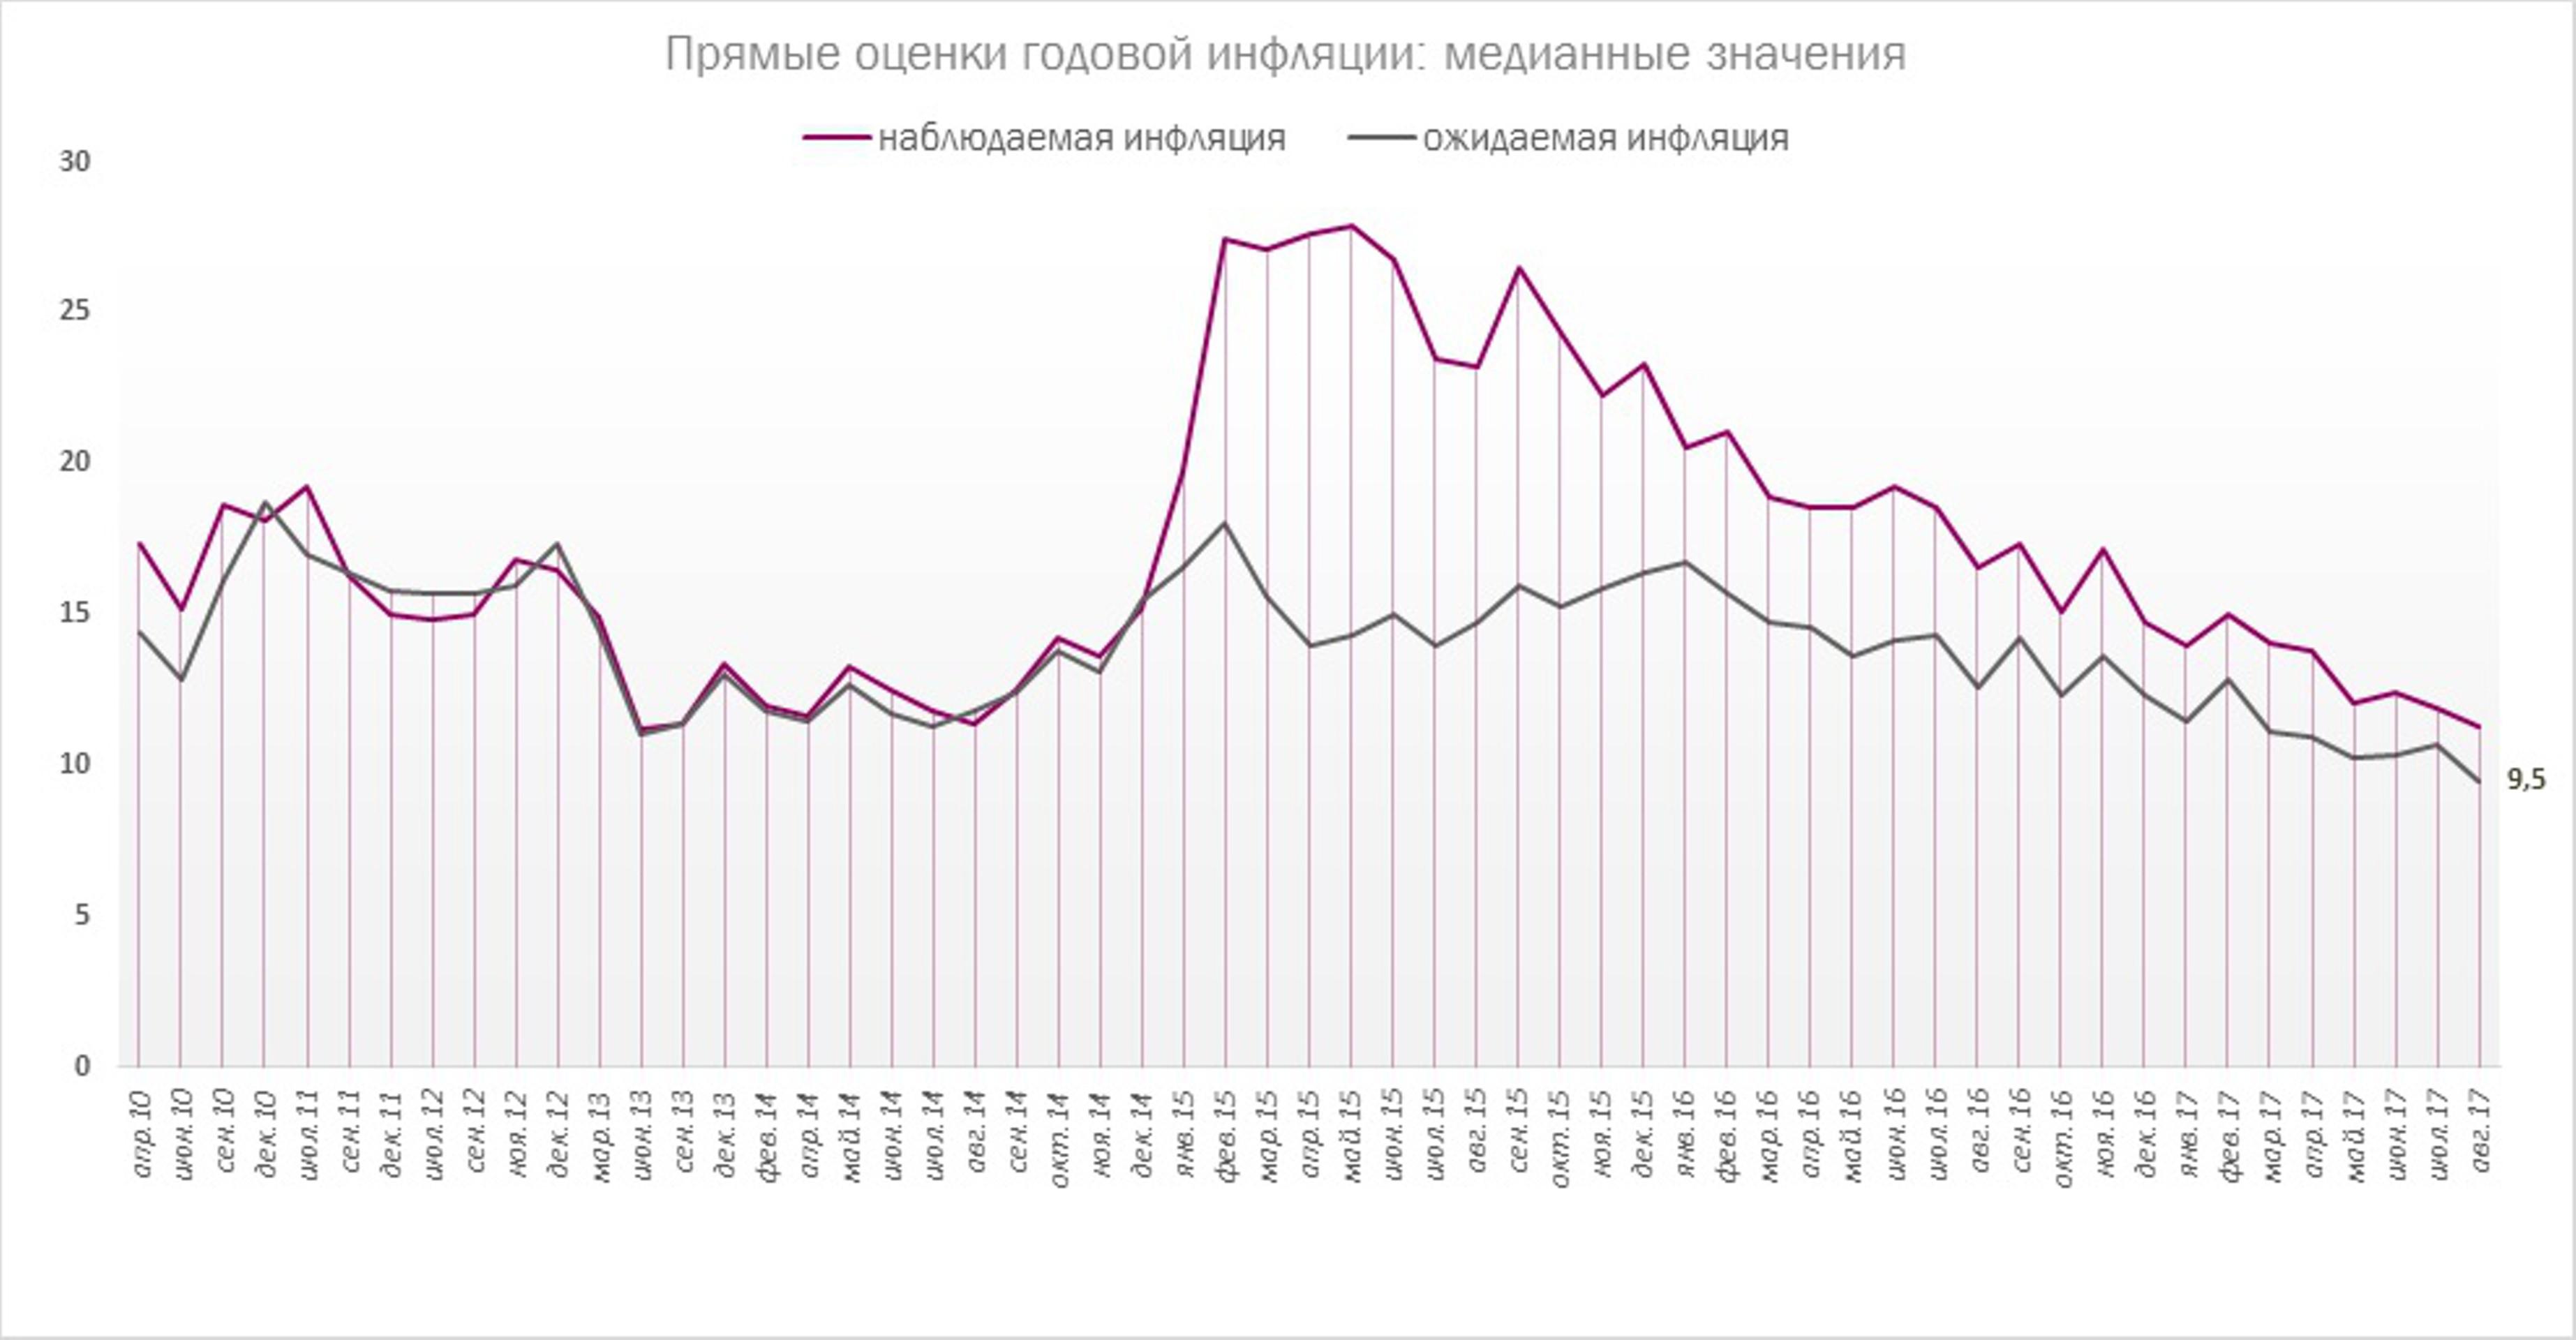 Итоги заседания ЦБ РФ и перспективы ключевой ставки